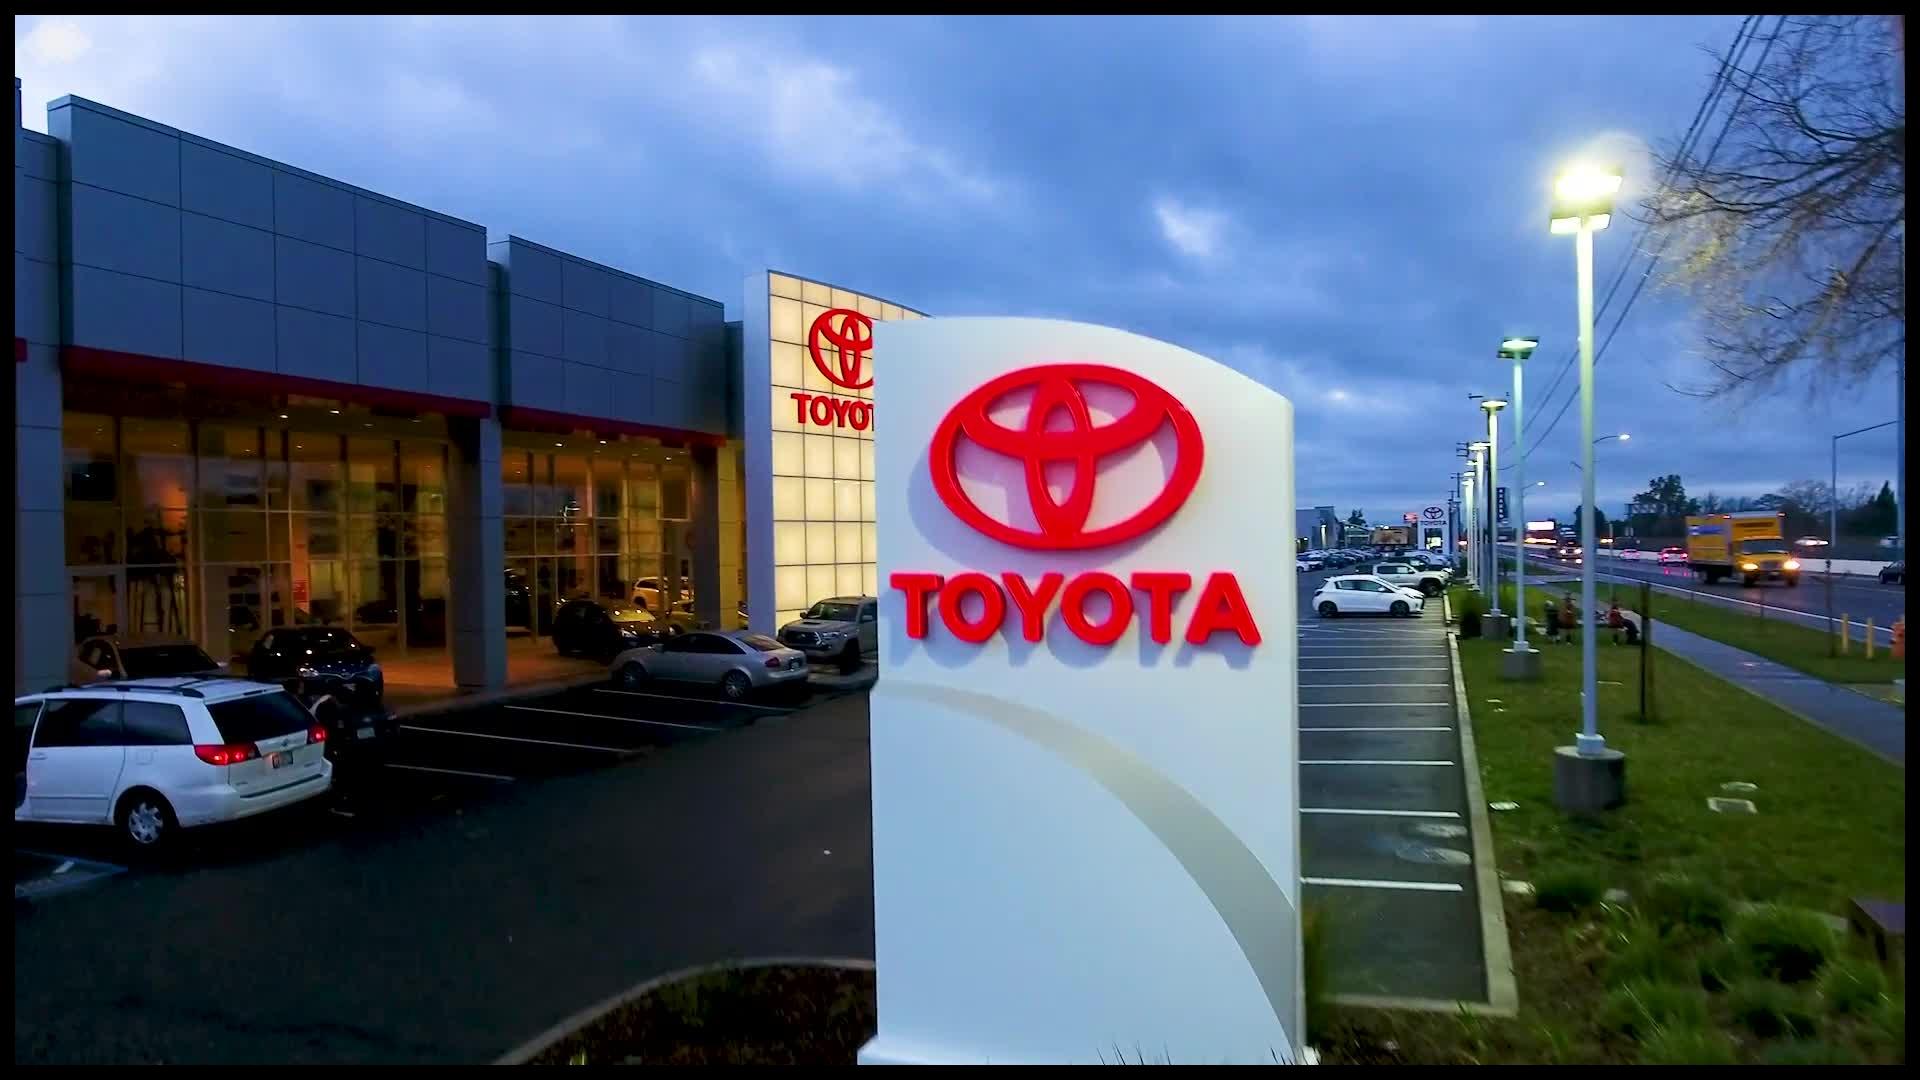 Toyota Dealer Sacramento CA New & Used Cars for Sale near Carmichael CA Maita Toyota of Sacramento